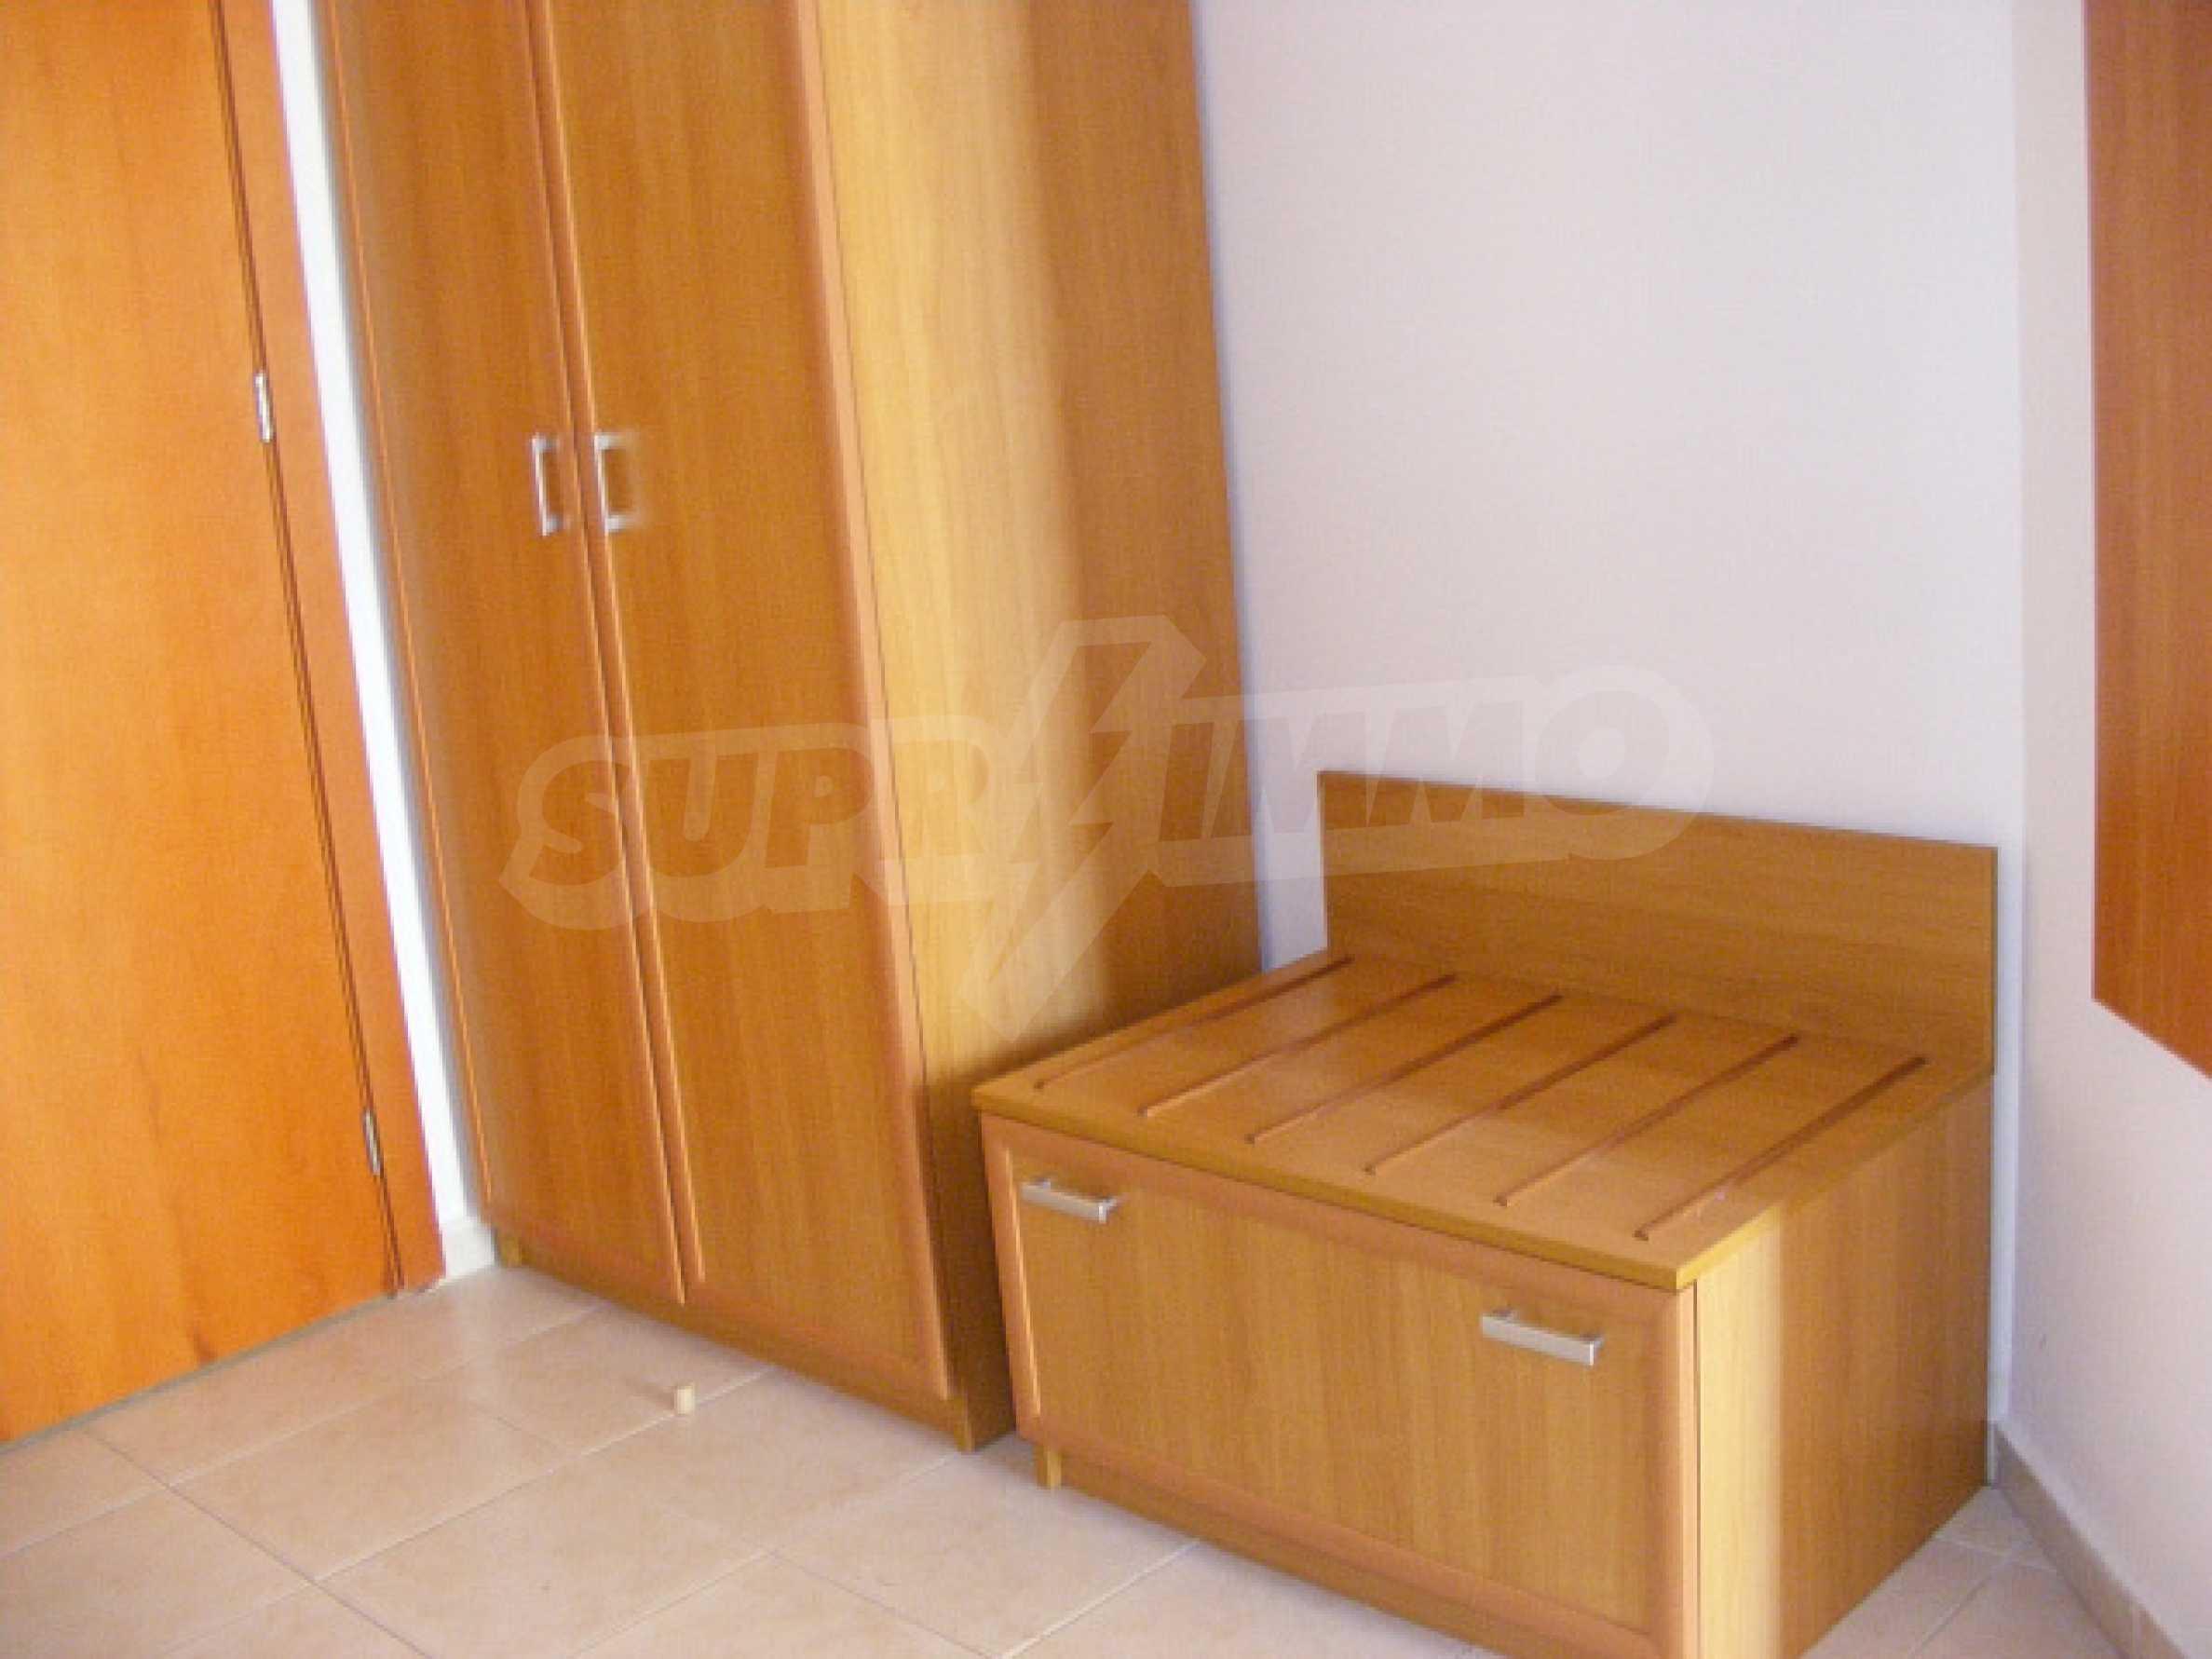 Напълно обзаведен двустаен апартамент в кк. Златни пясъци, с Морска панорама 10